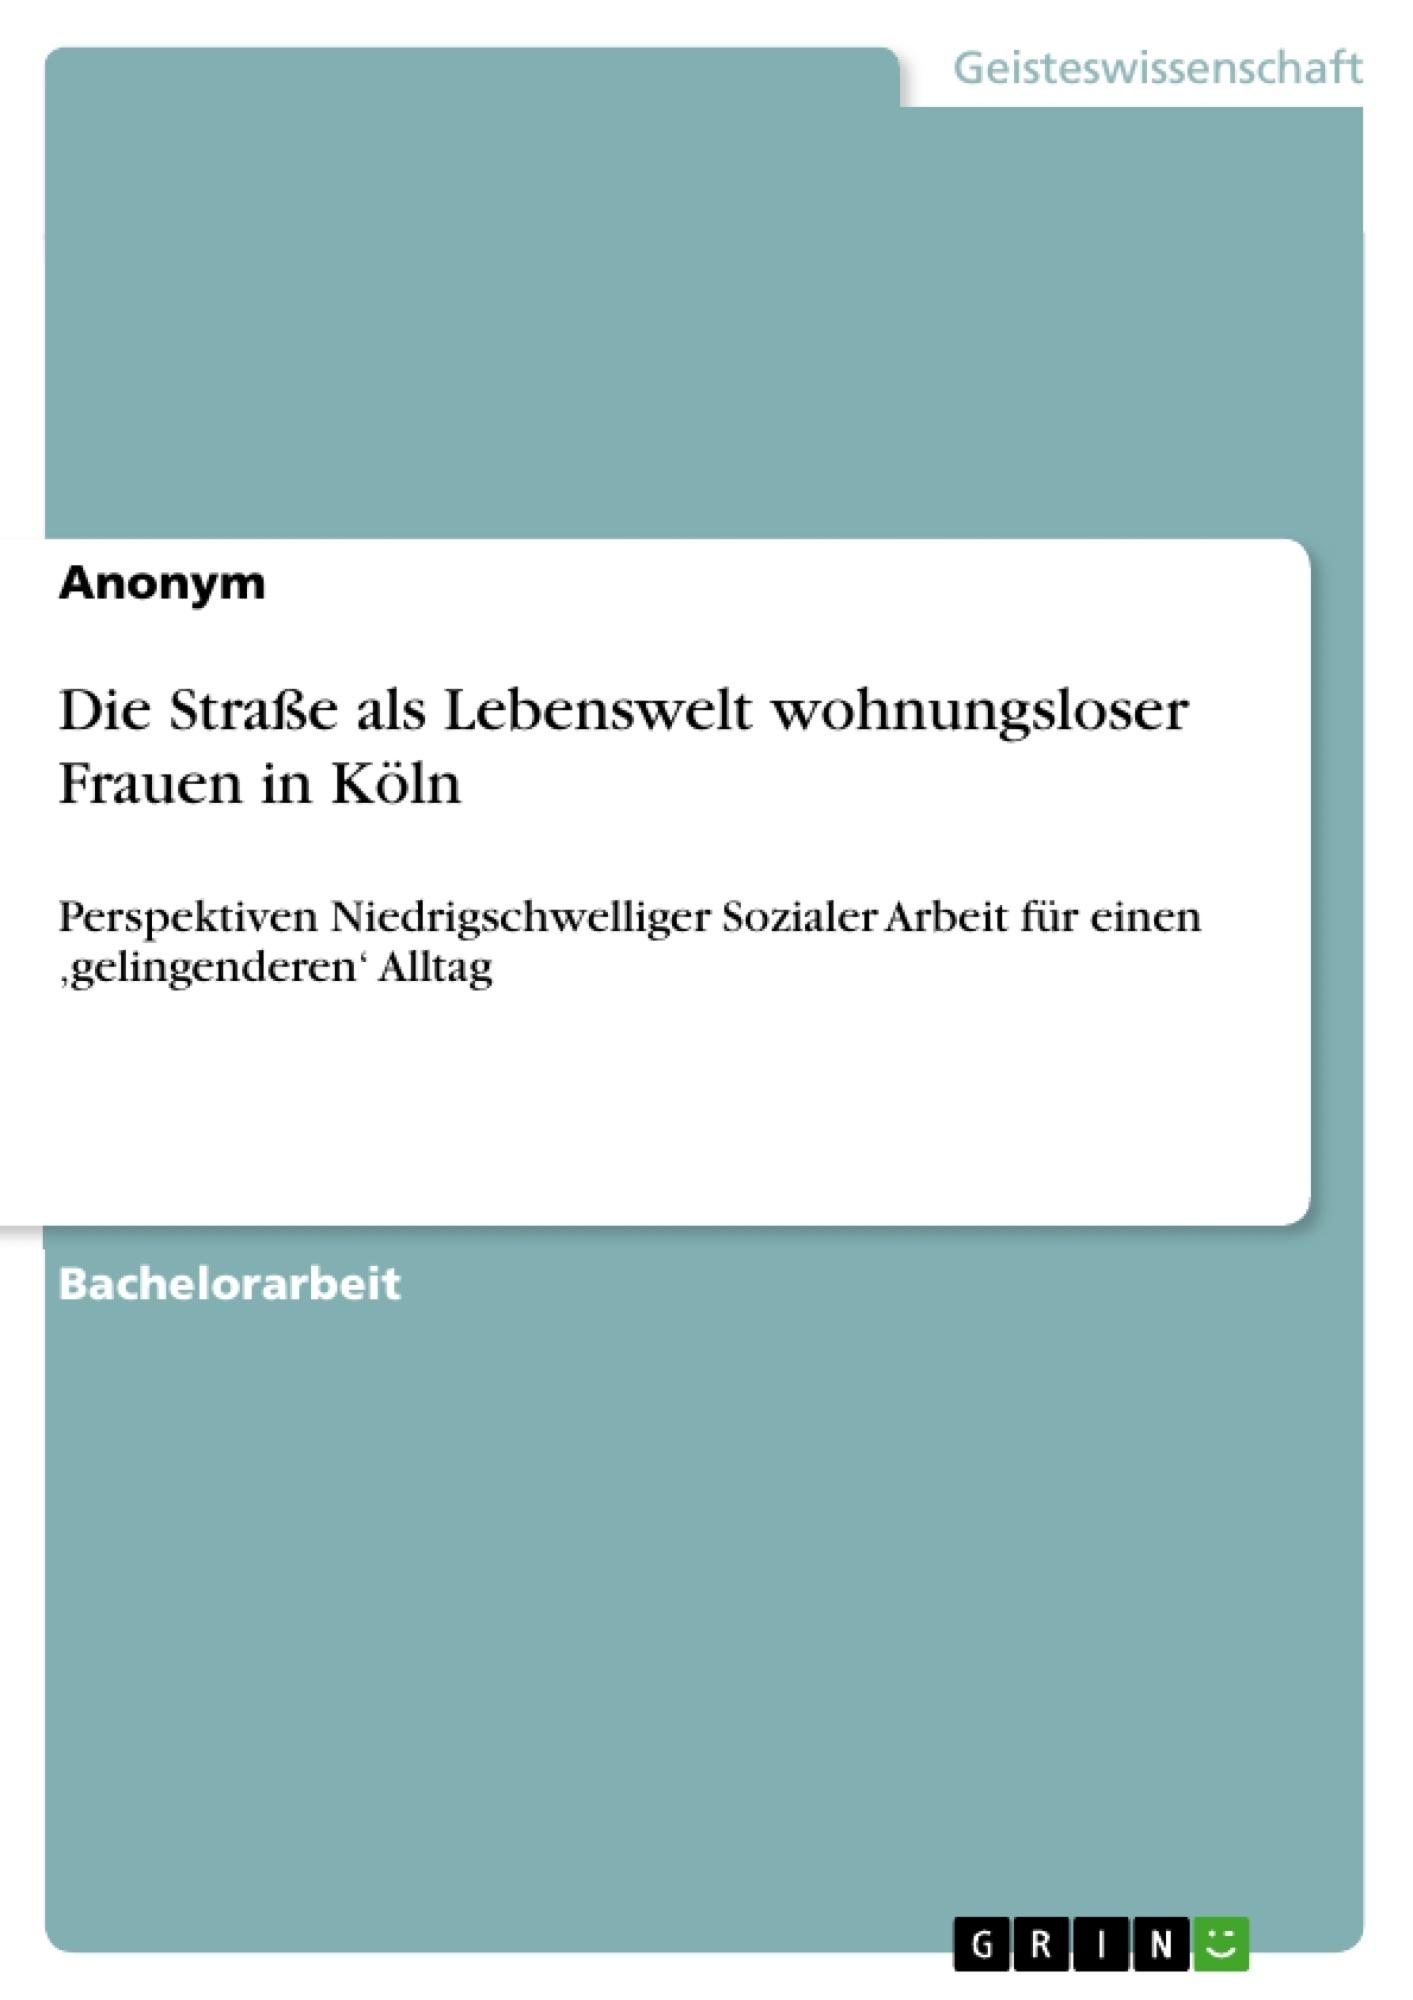 Titel: Die Straße als Lebenswelt wohnungsloser Frauen in Köln